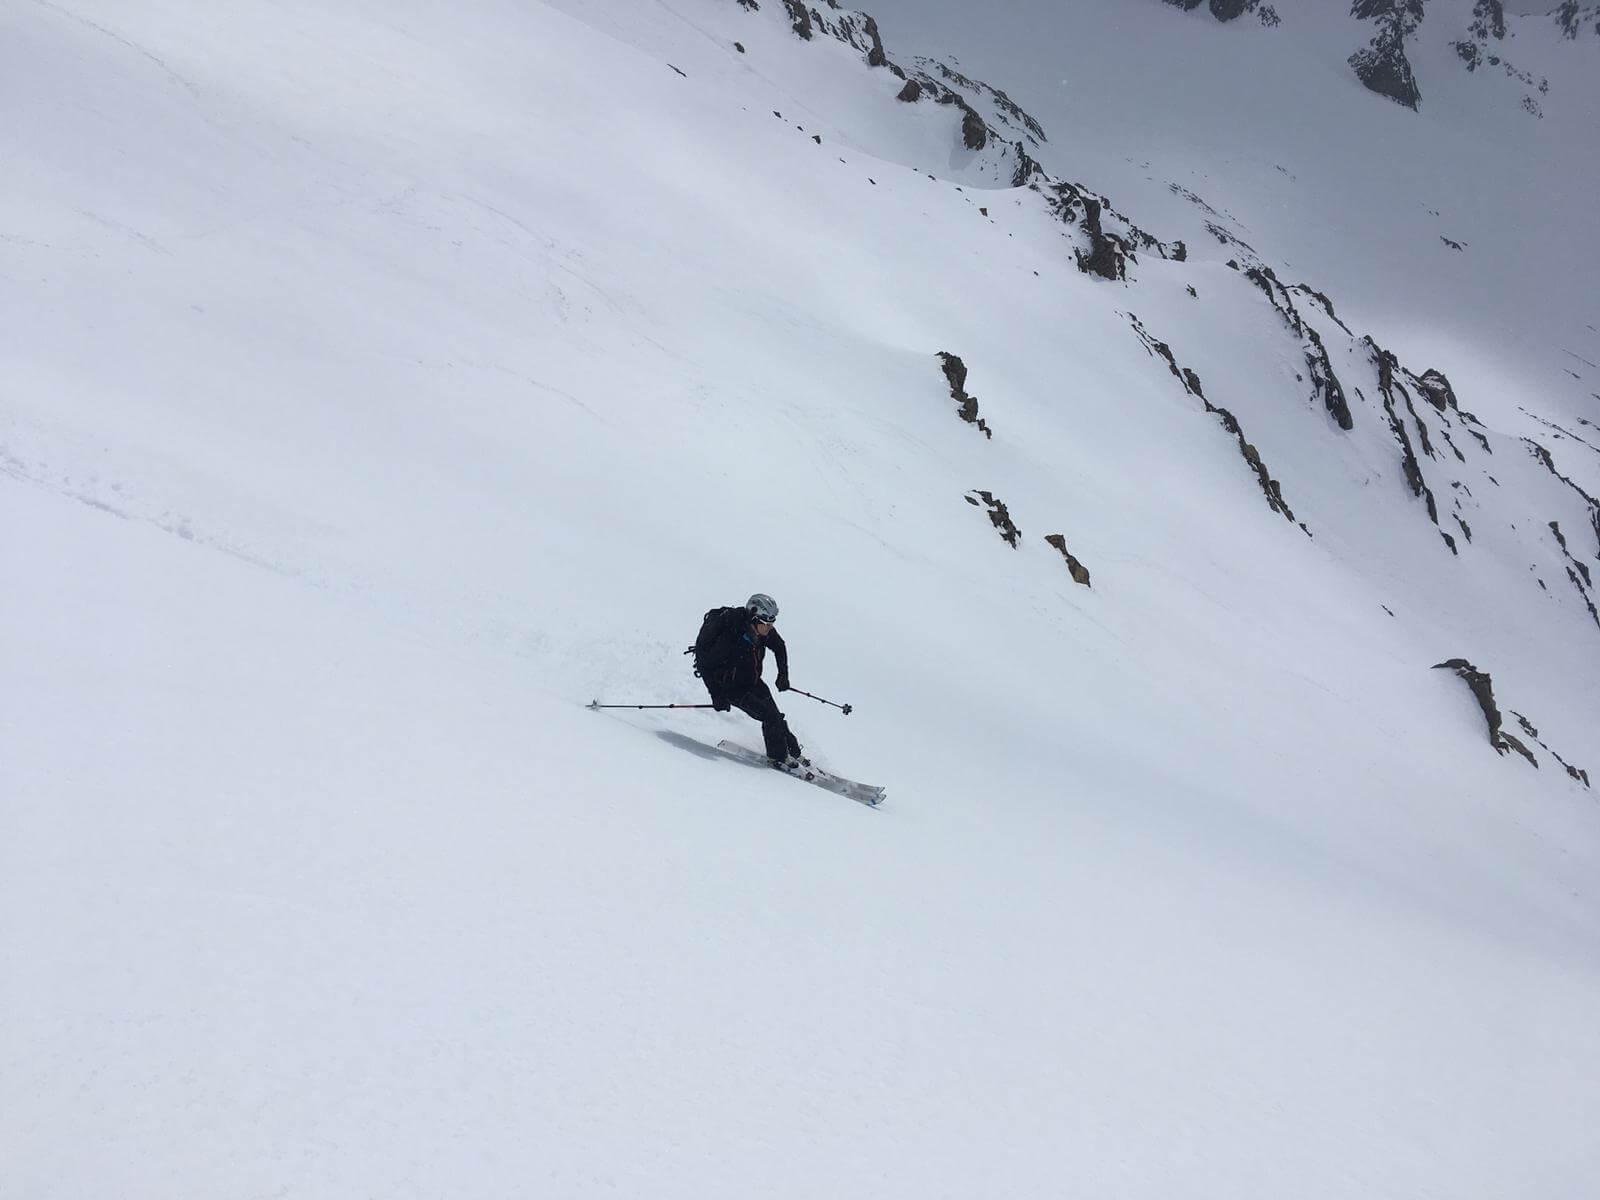 skitouring in el chalten Patagonia argentina